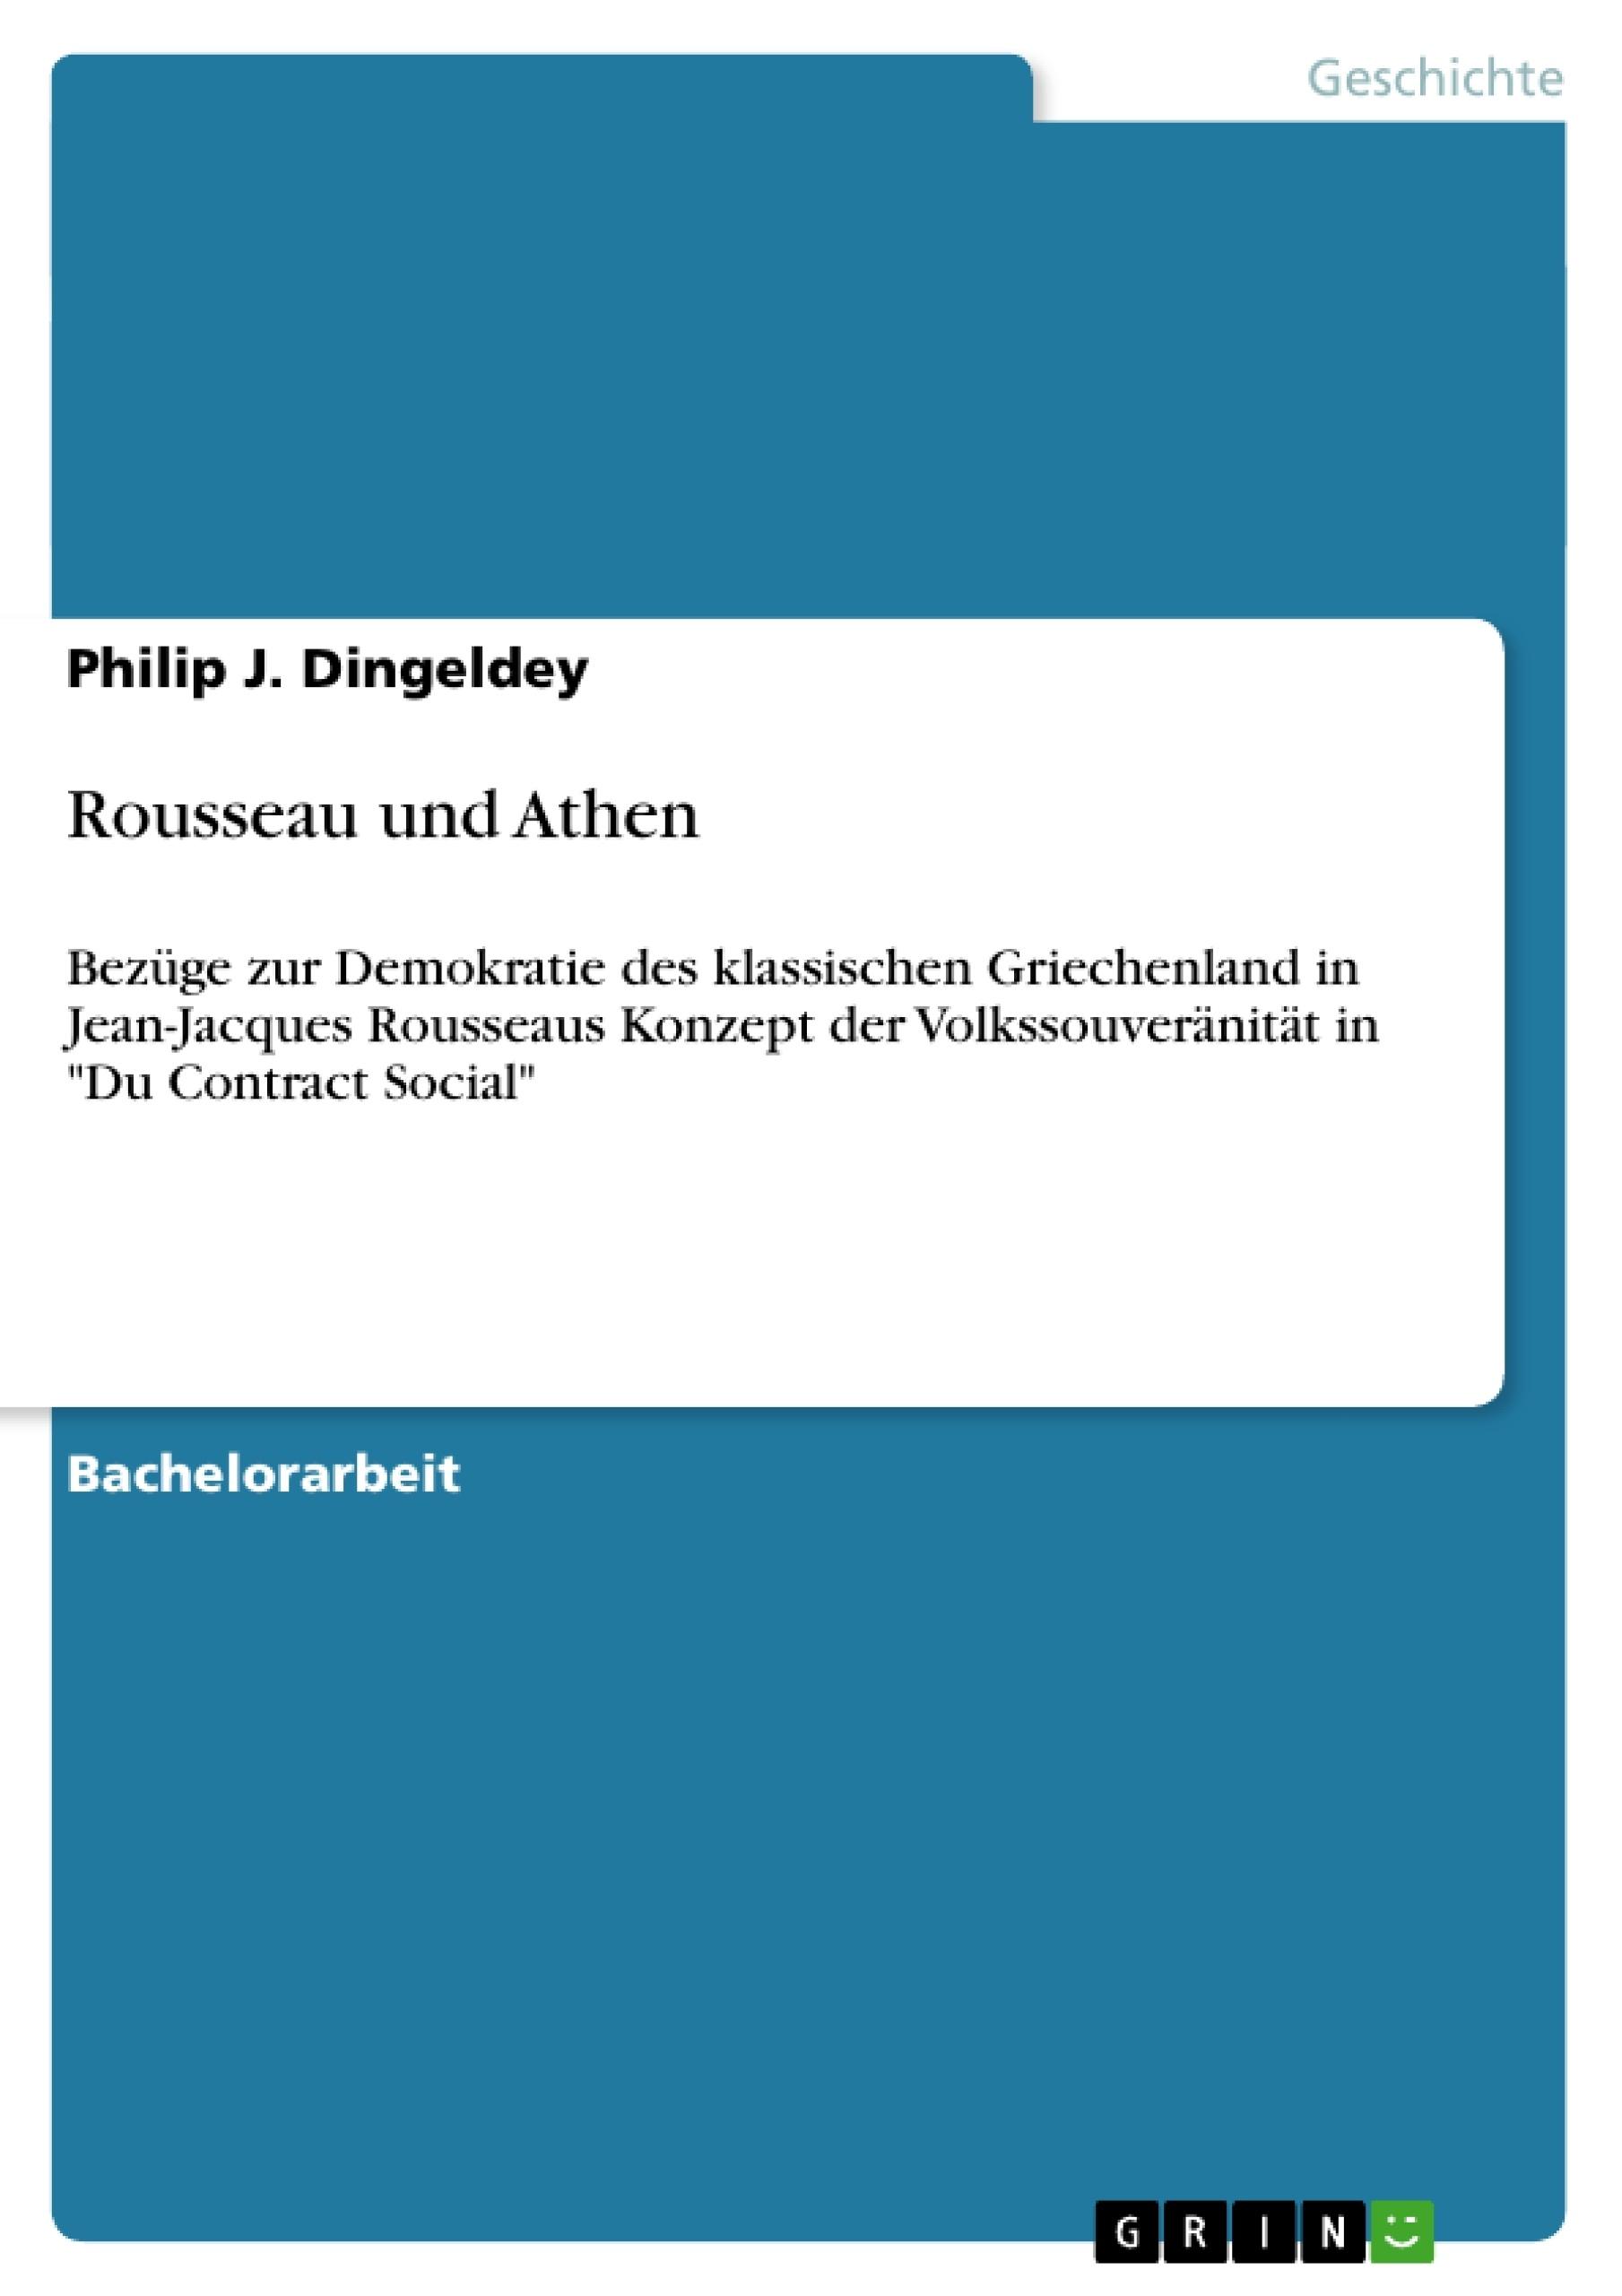 Titel: Rousseau und Athen